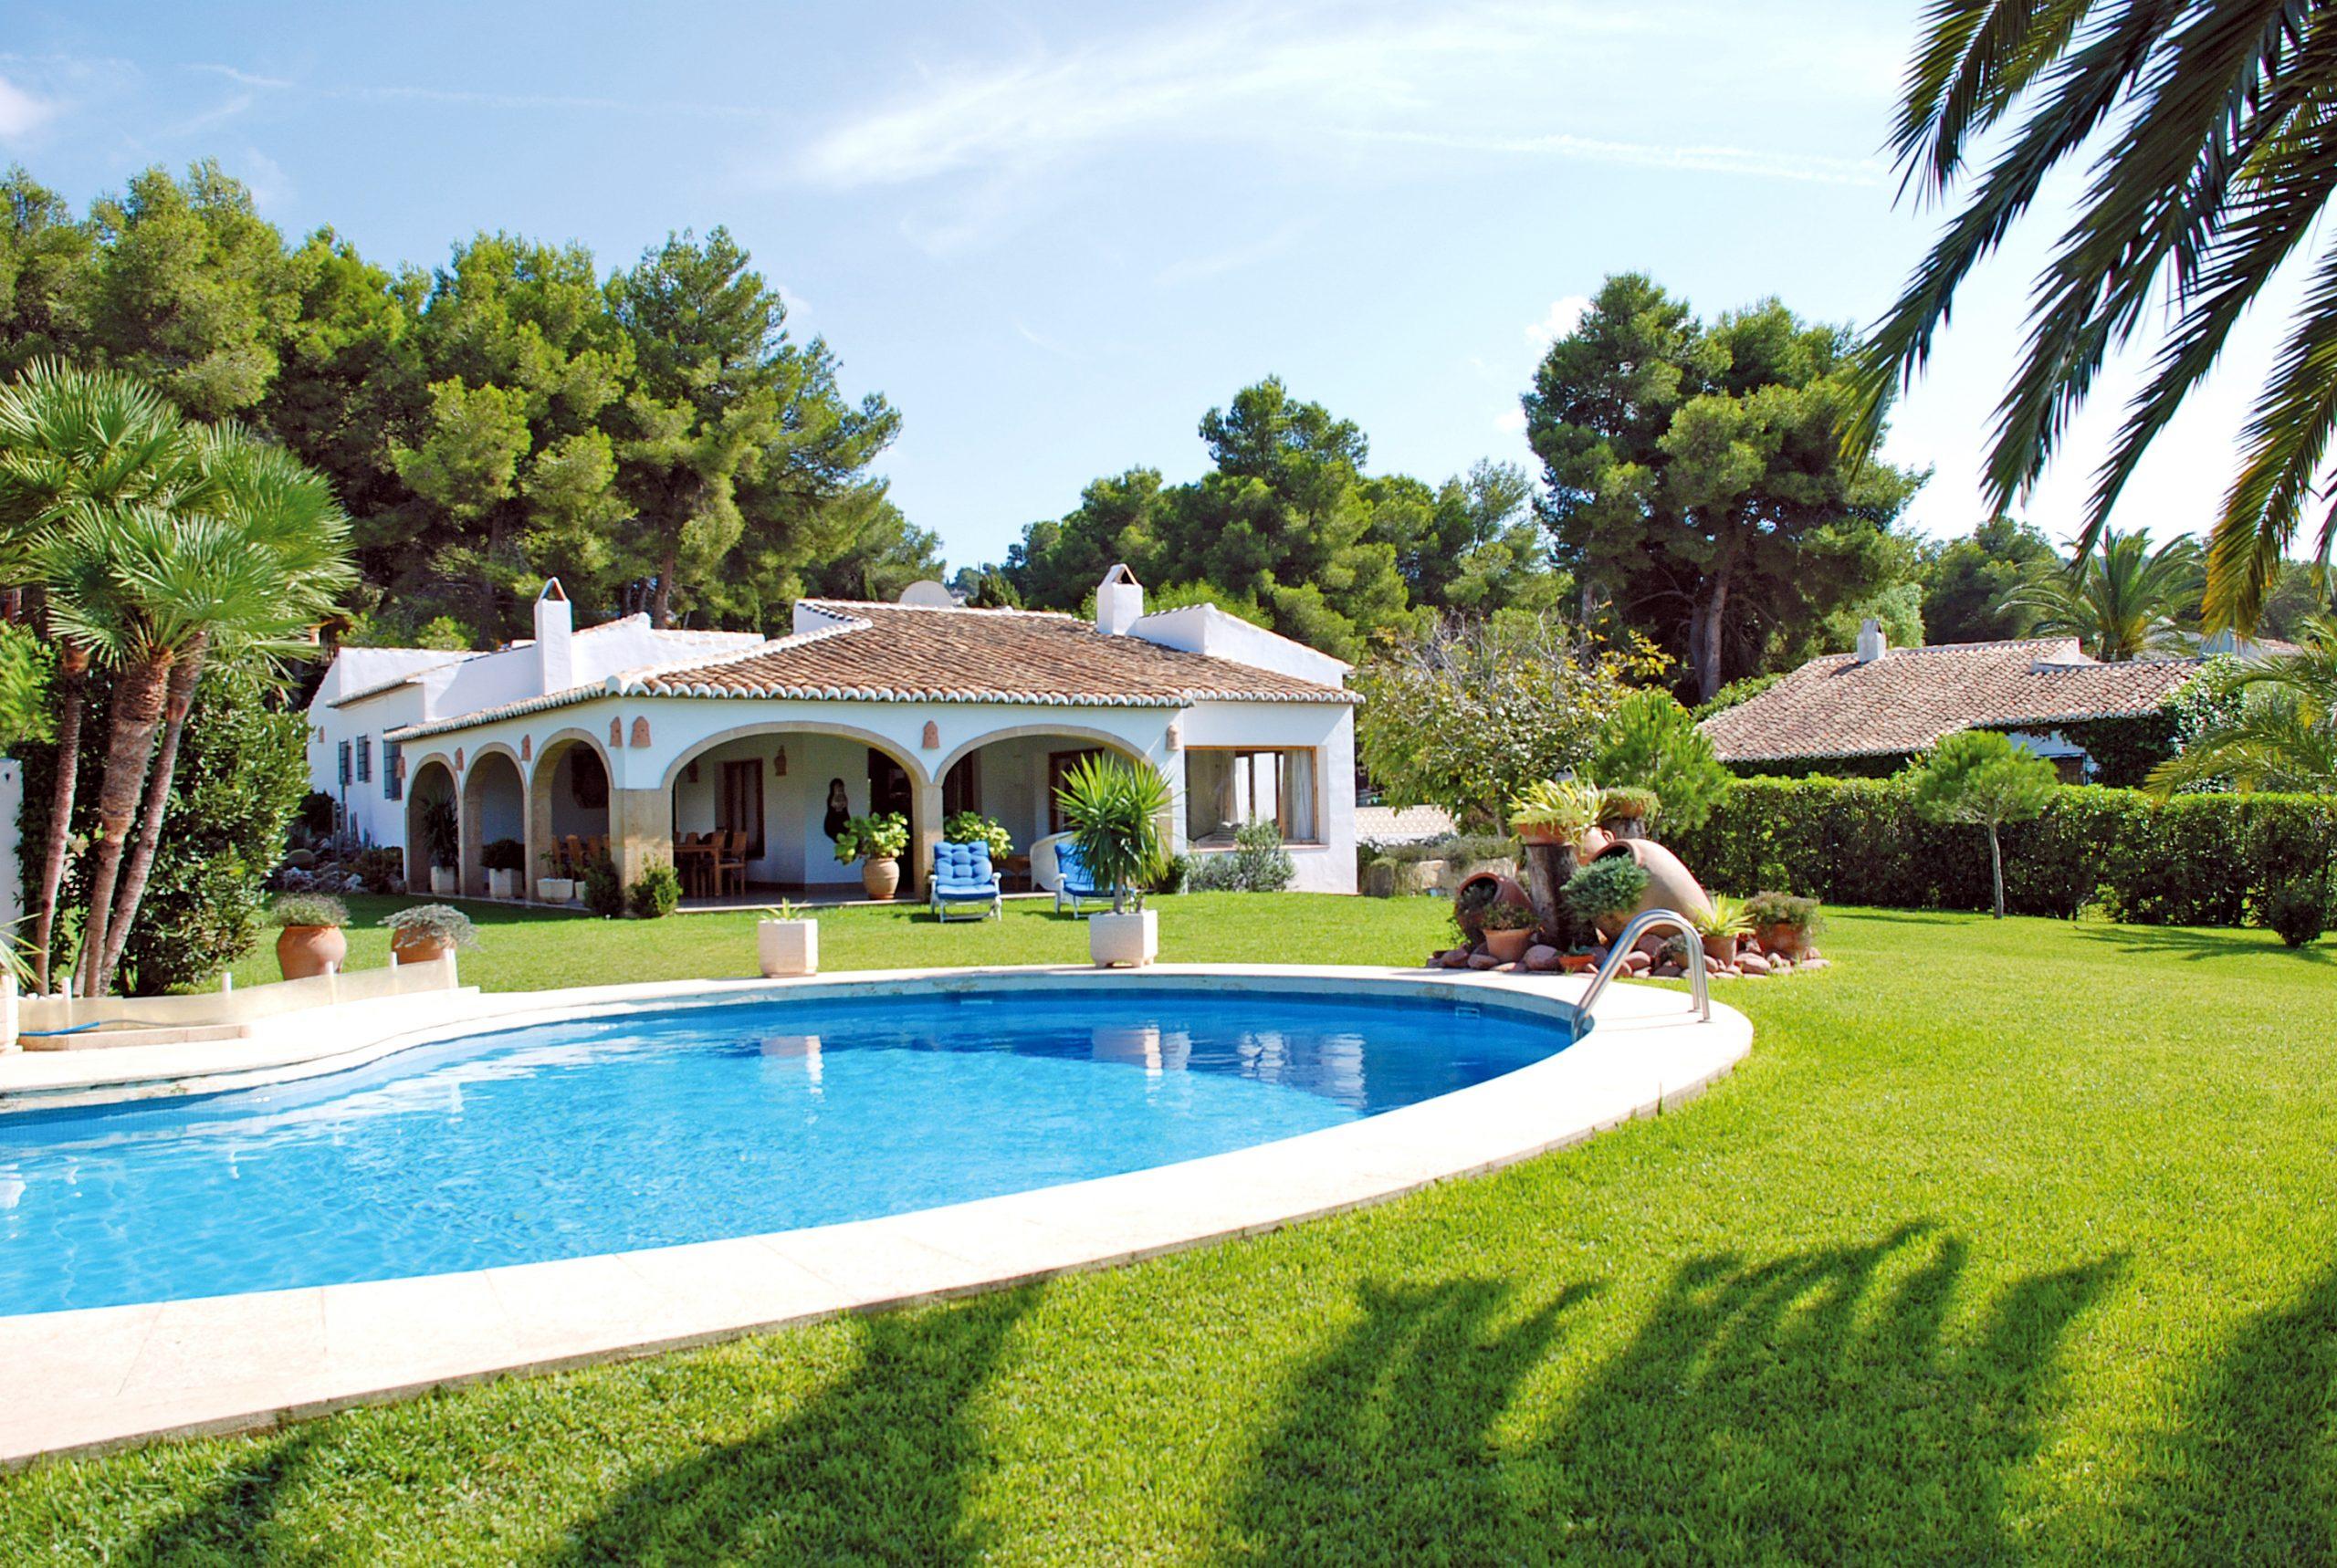 Aqui-Villa-Espagne | Location Espagne Villa dedans Location Maison Espagne Avec Piscine Pas Cher